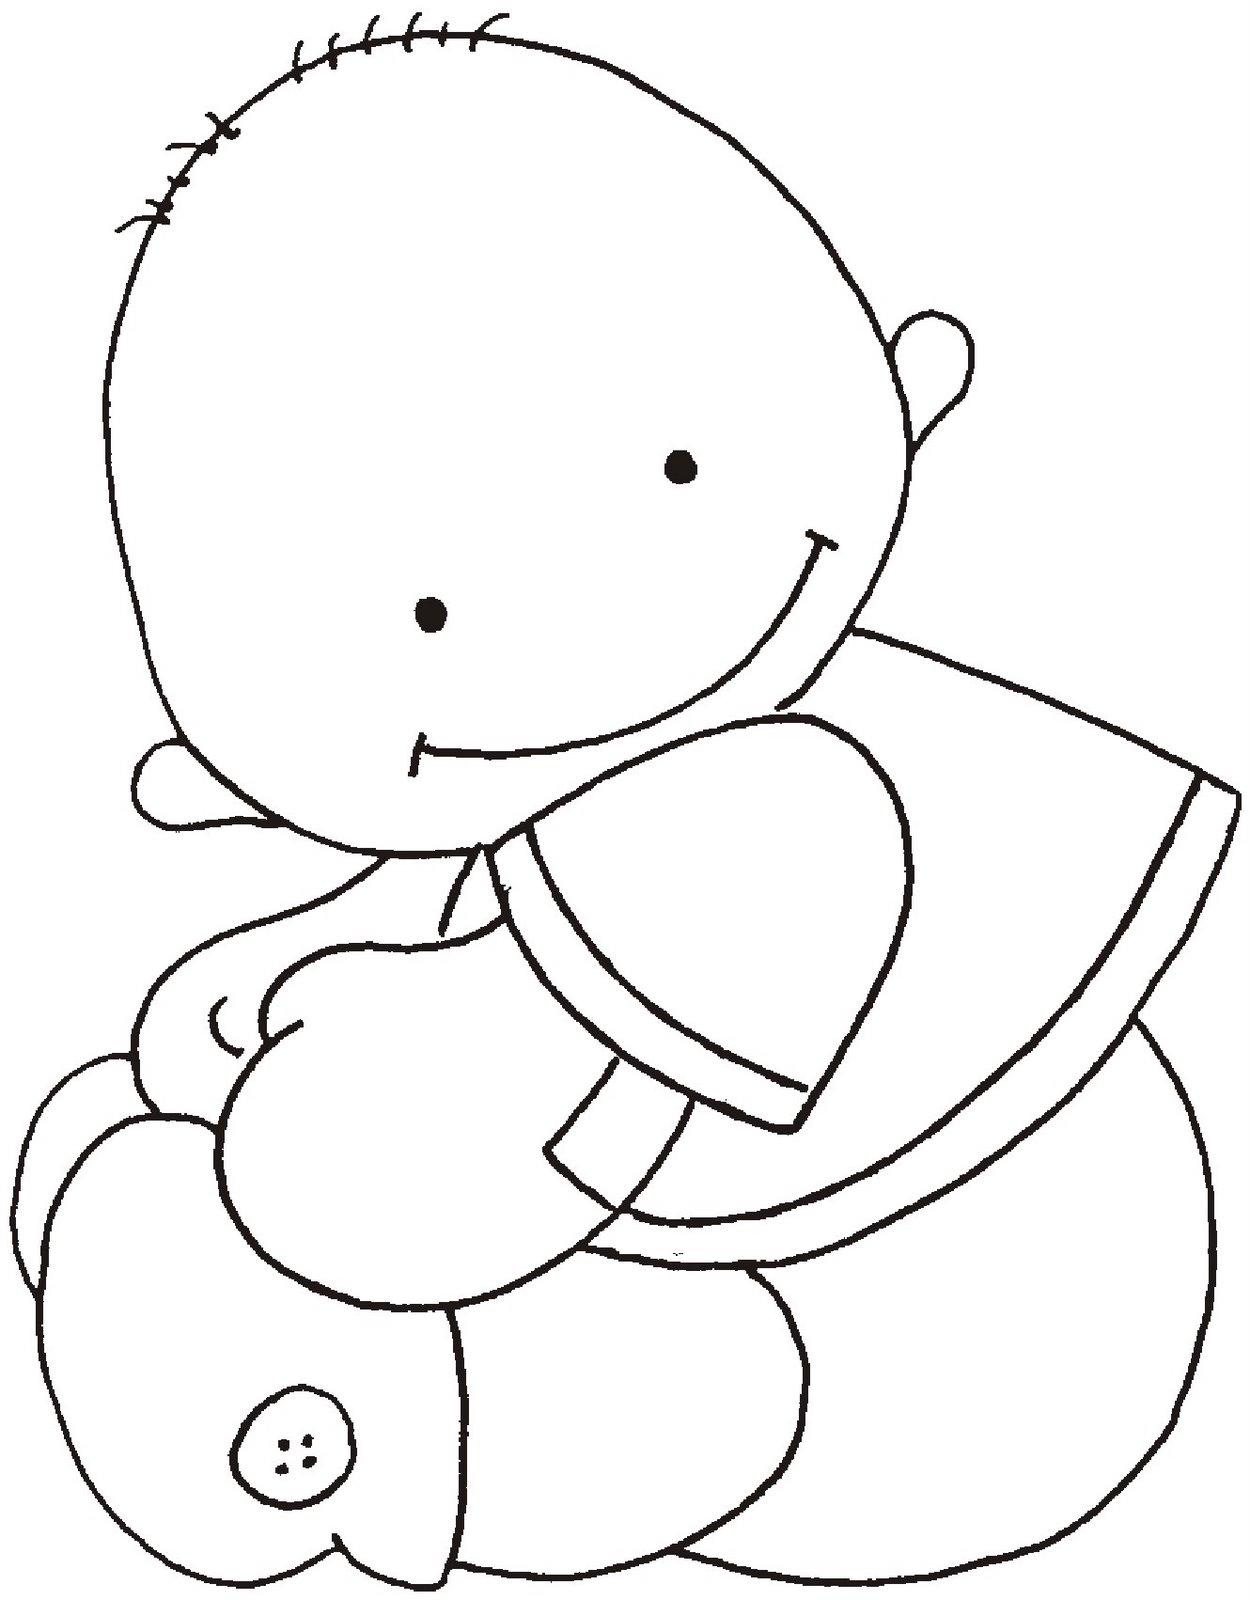 desenhos bebes pintura fraldas decoracao bercario quarto (5)